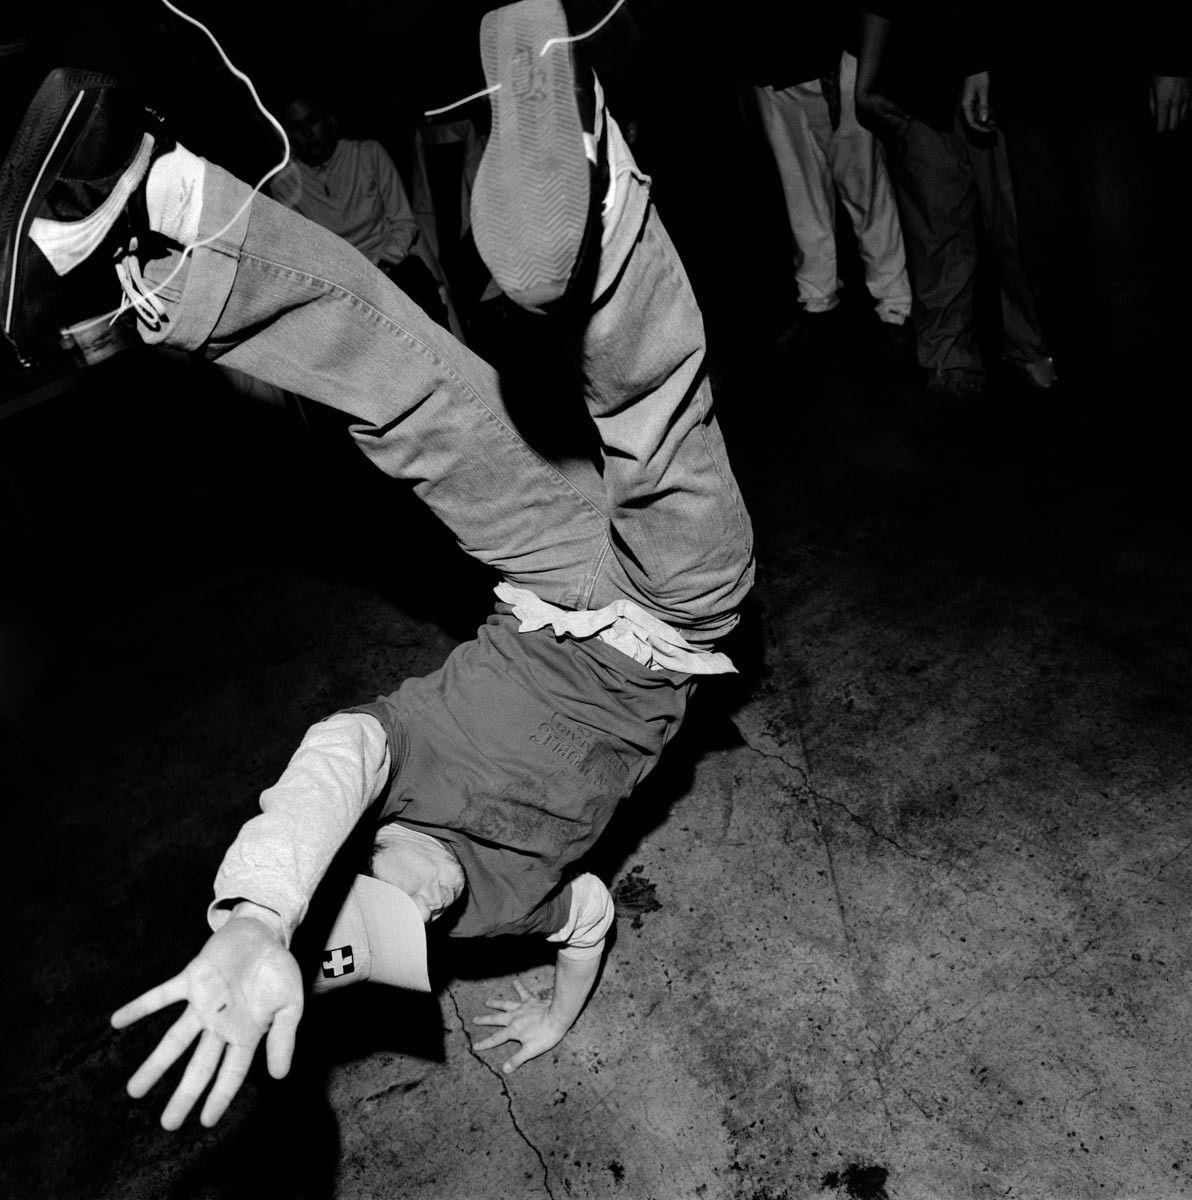 1cypher_breakdancers_5.jpg